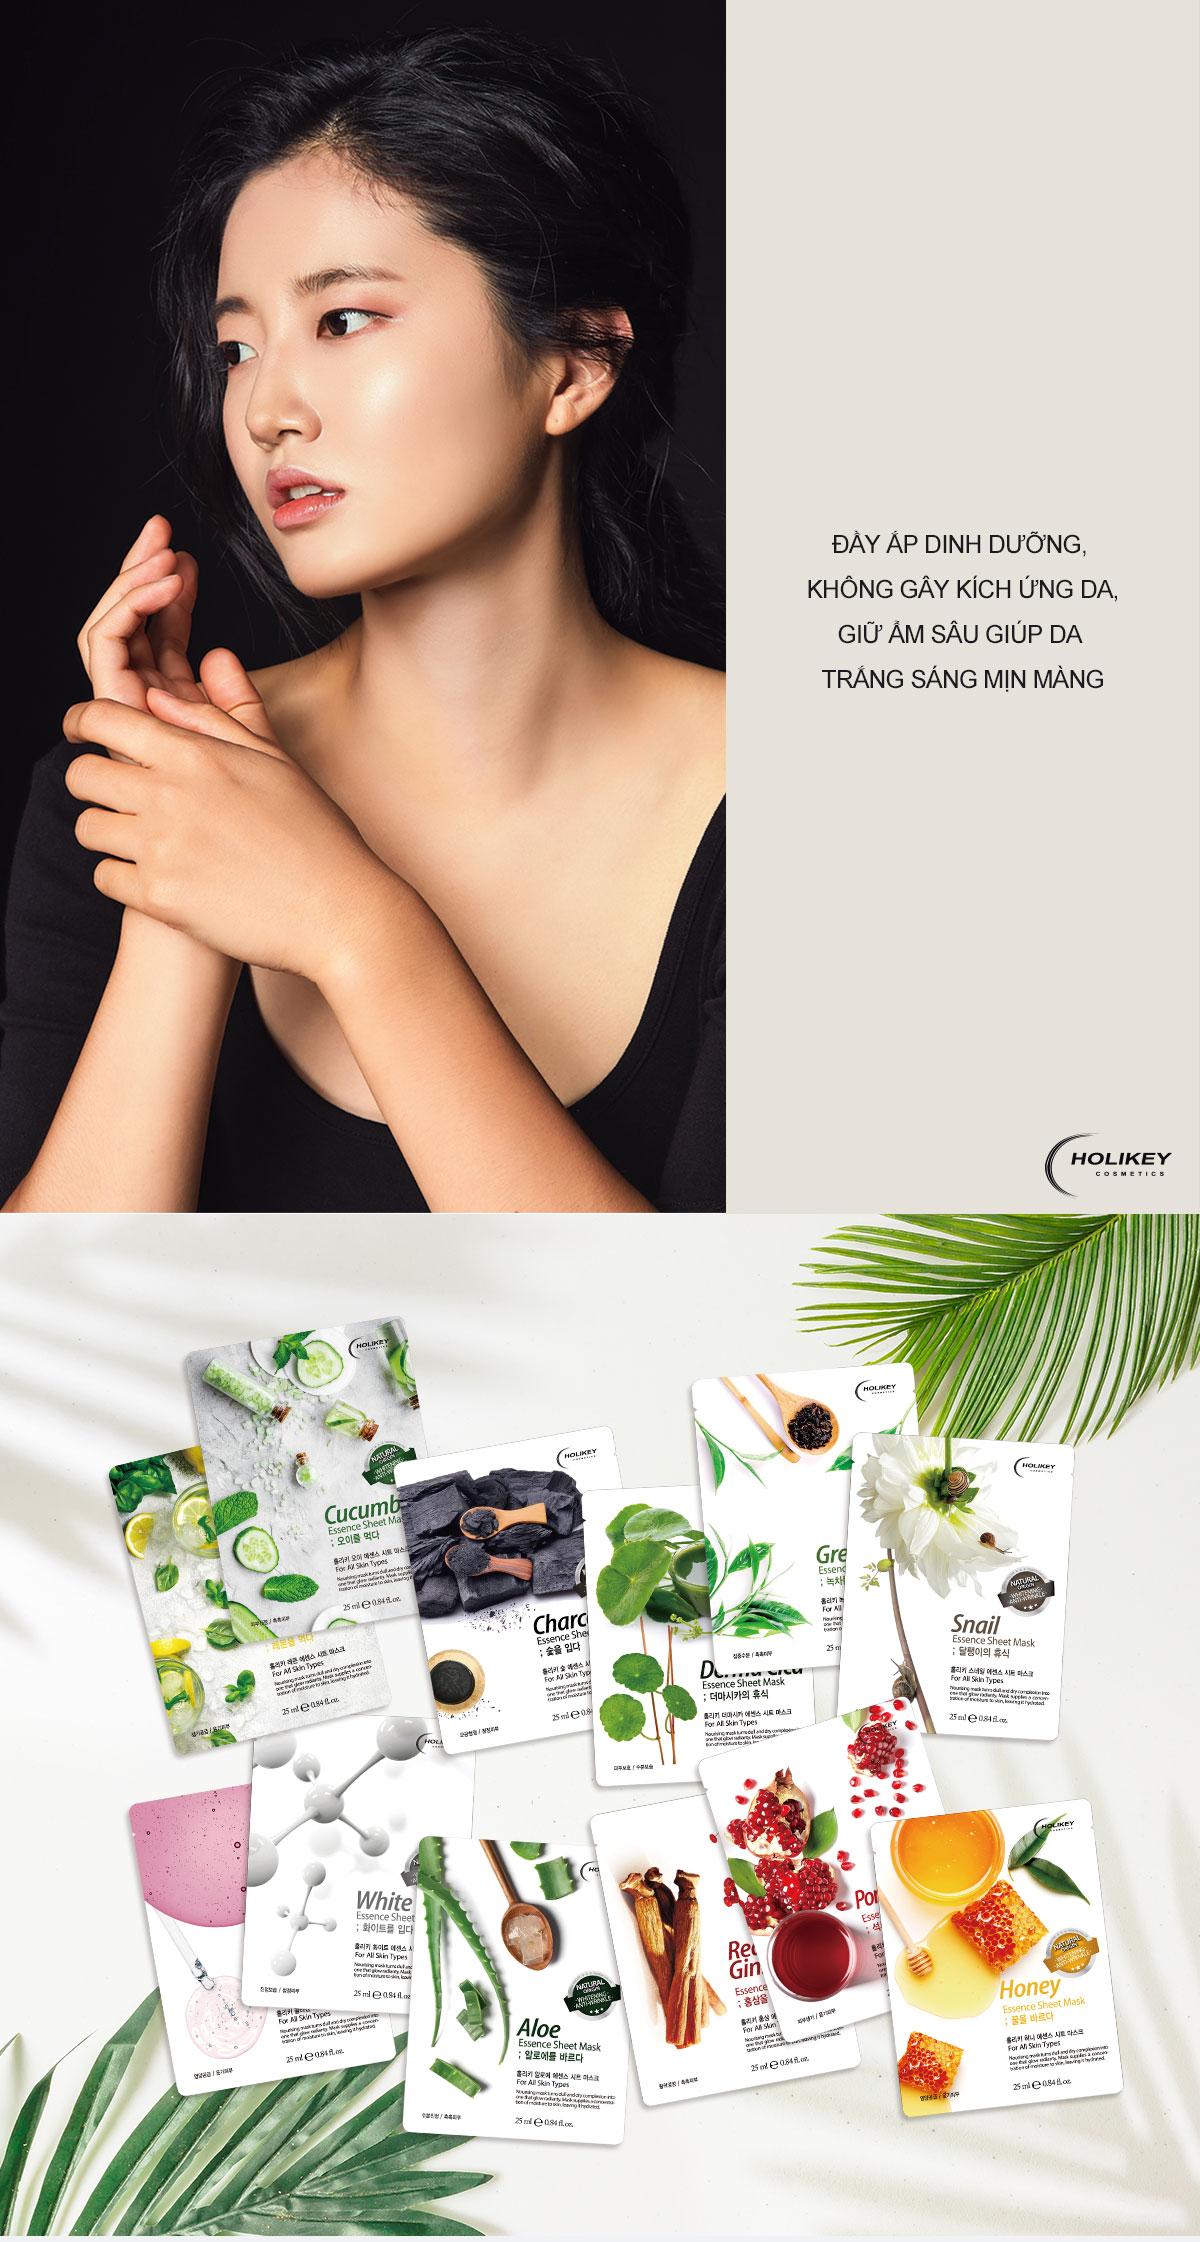 Combo 10 Gói Mặt Nạ Trà Xanh Dưỡng Da Holikey Fresh Green tea Mask Sheet 100% Cotton (25ml/Miếng)